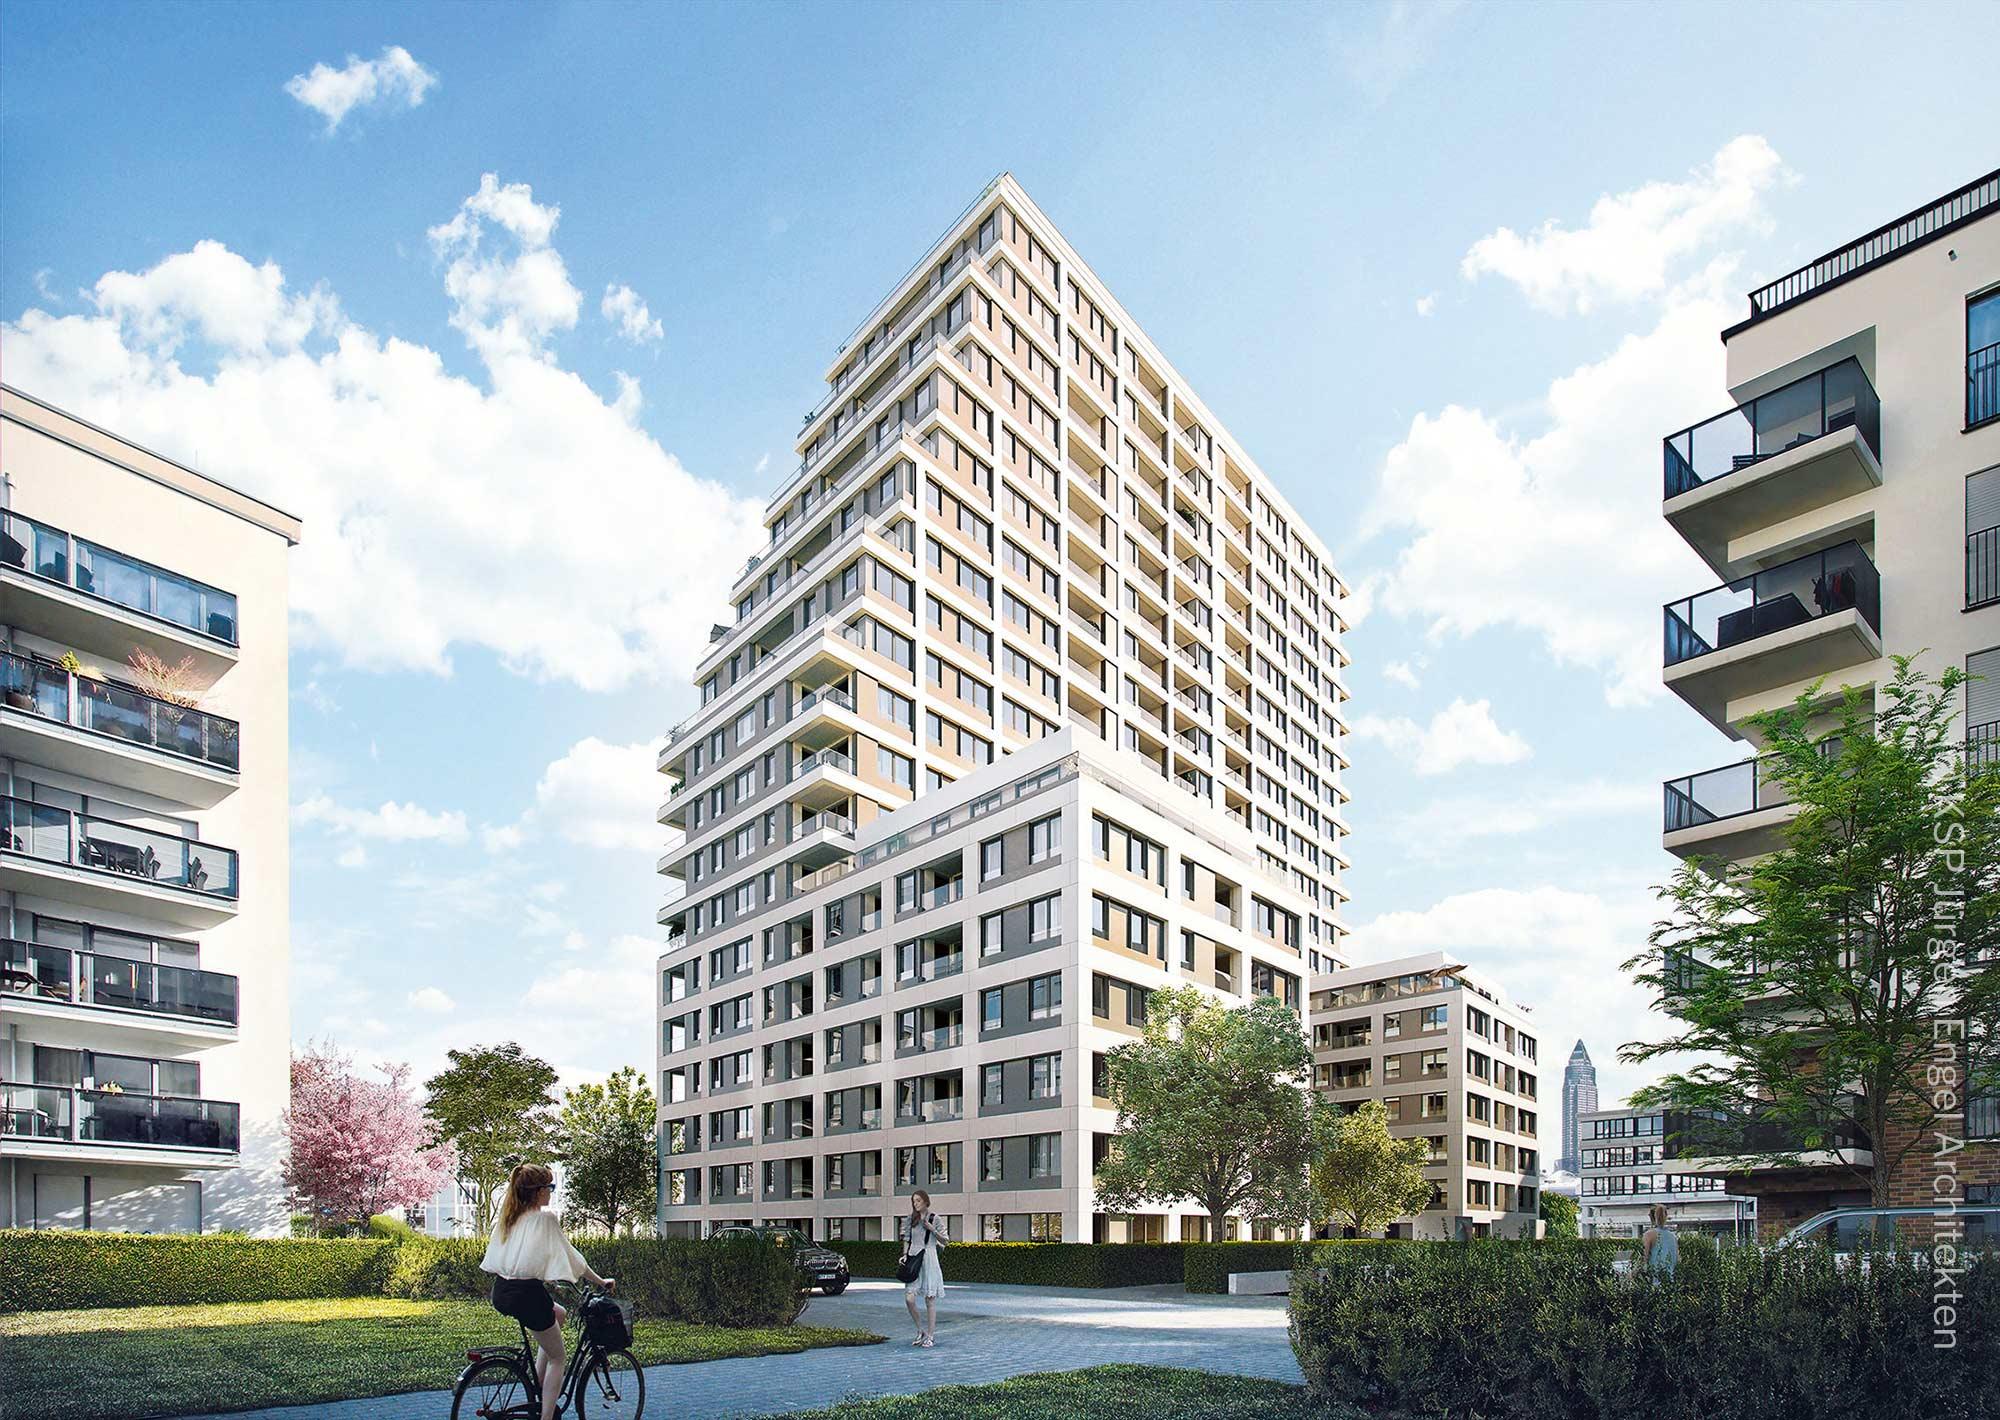 Neubau Europaviertel - Neues Wohnhochhaus - Eigentumswohnungen Frankfurt 2020 - Solid Home - KSP Juergen Engel